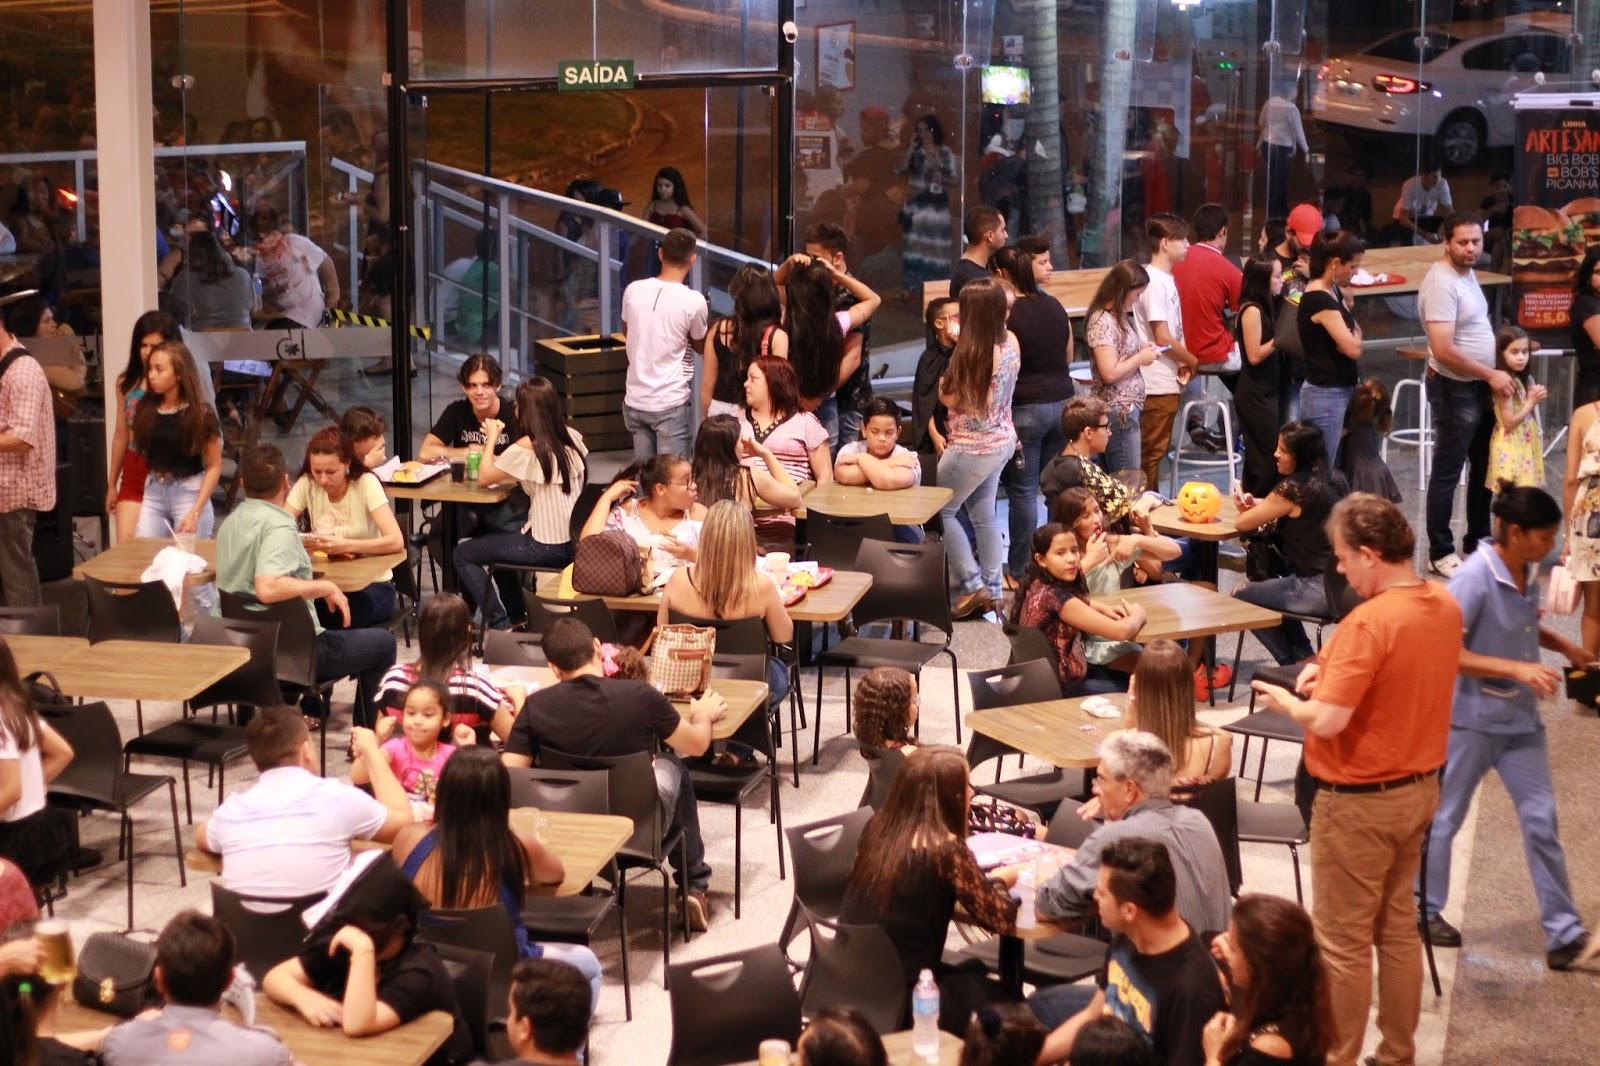 Senac e Shopping Boulevard Garden de Araxá, promoveram dia cultural no Halloween